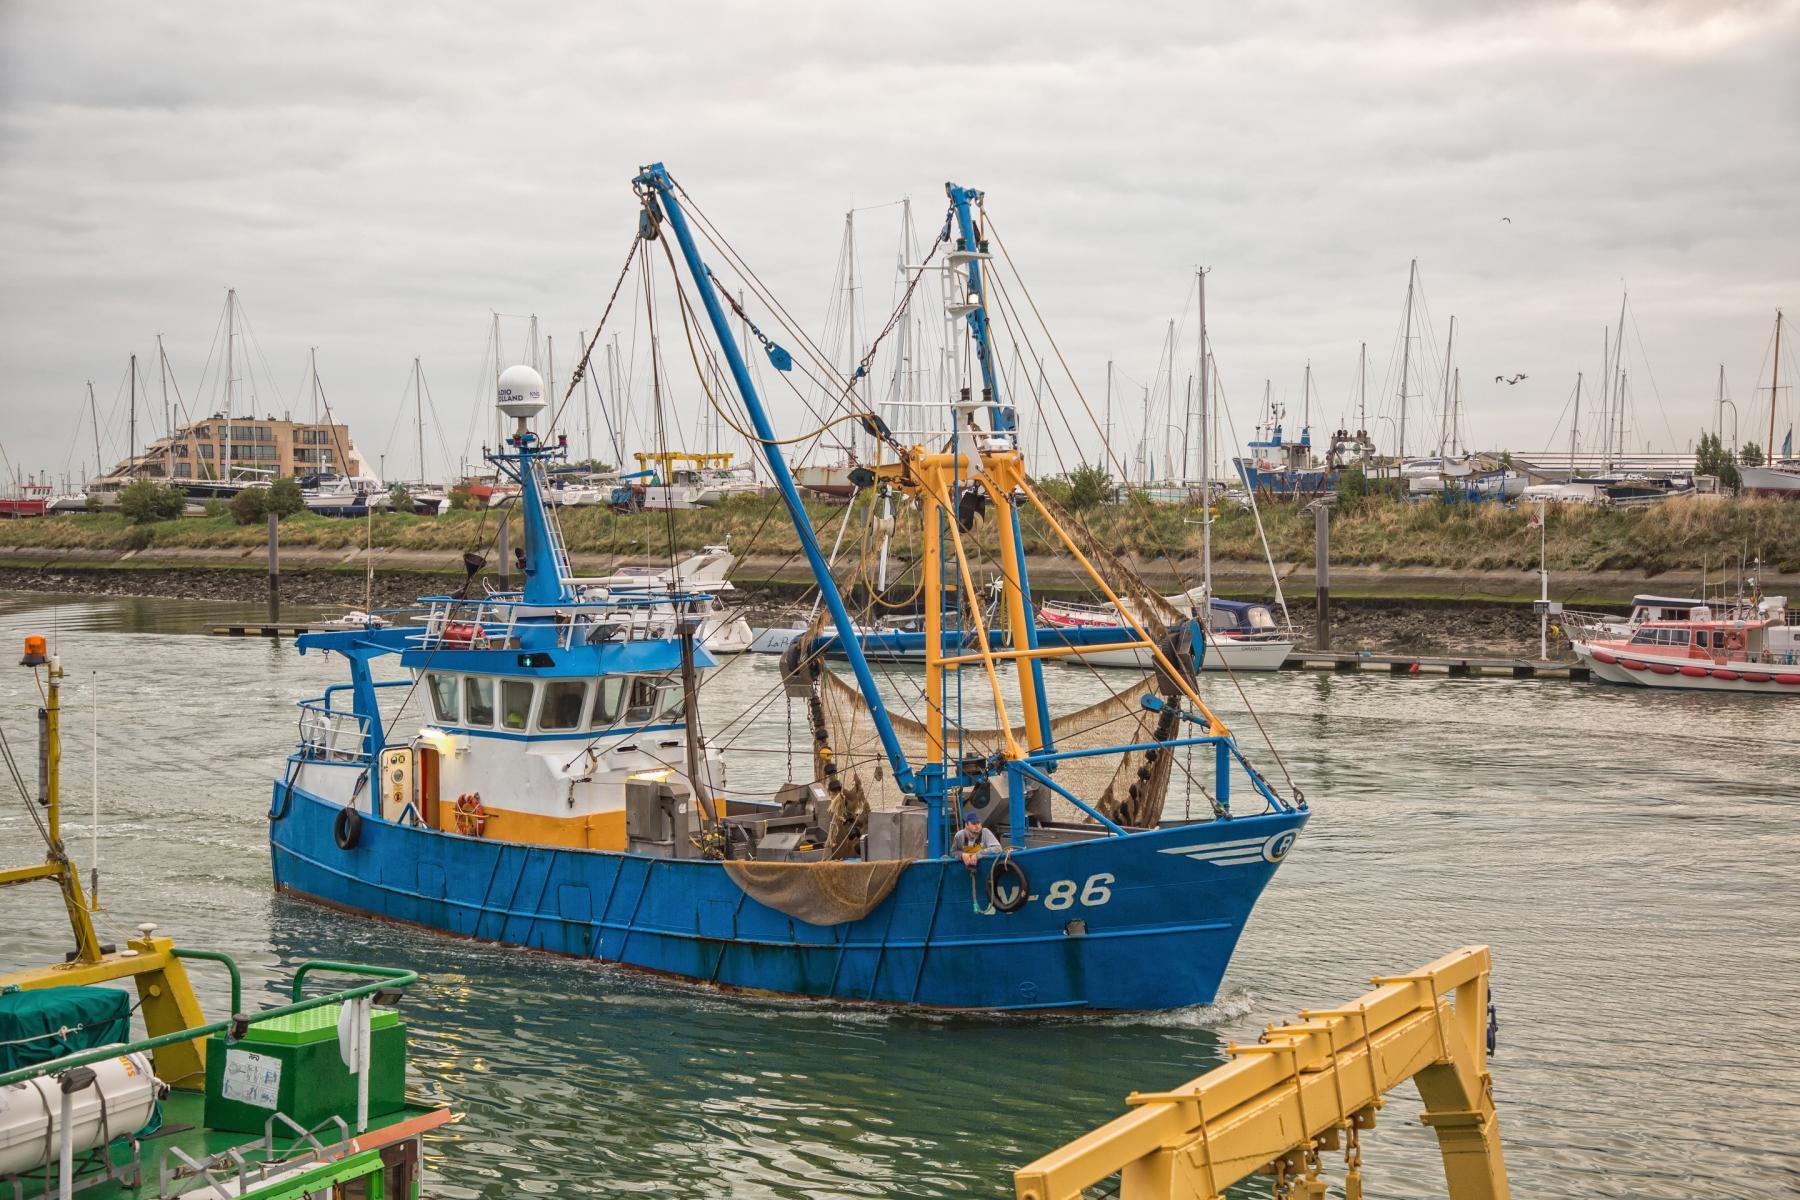 Visit-Nieuwpoort Vissershaven stedelijke Vismijn Visserij